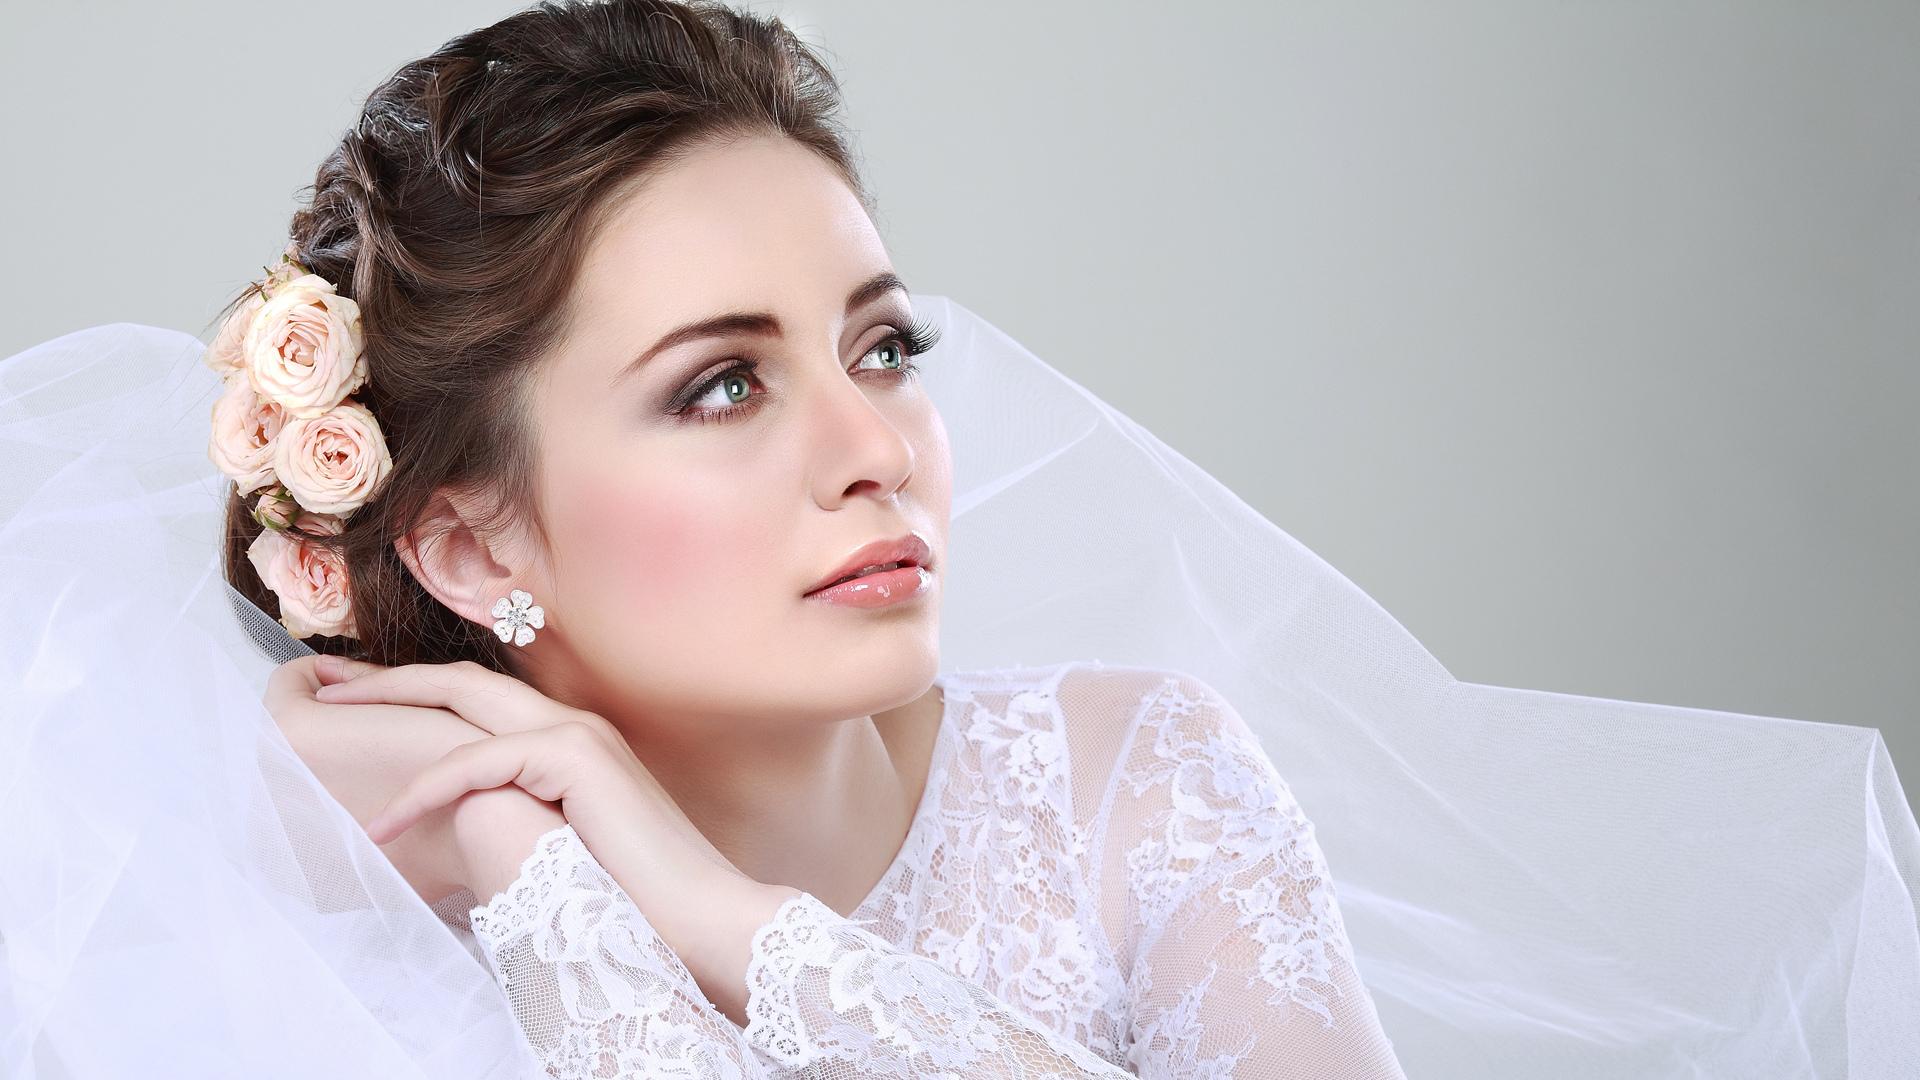 Фото причесок на свадьбу к кружевному платью